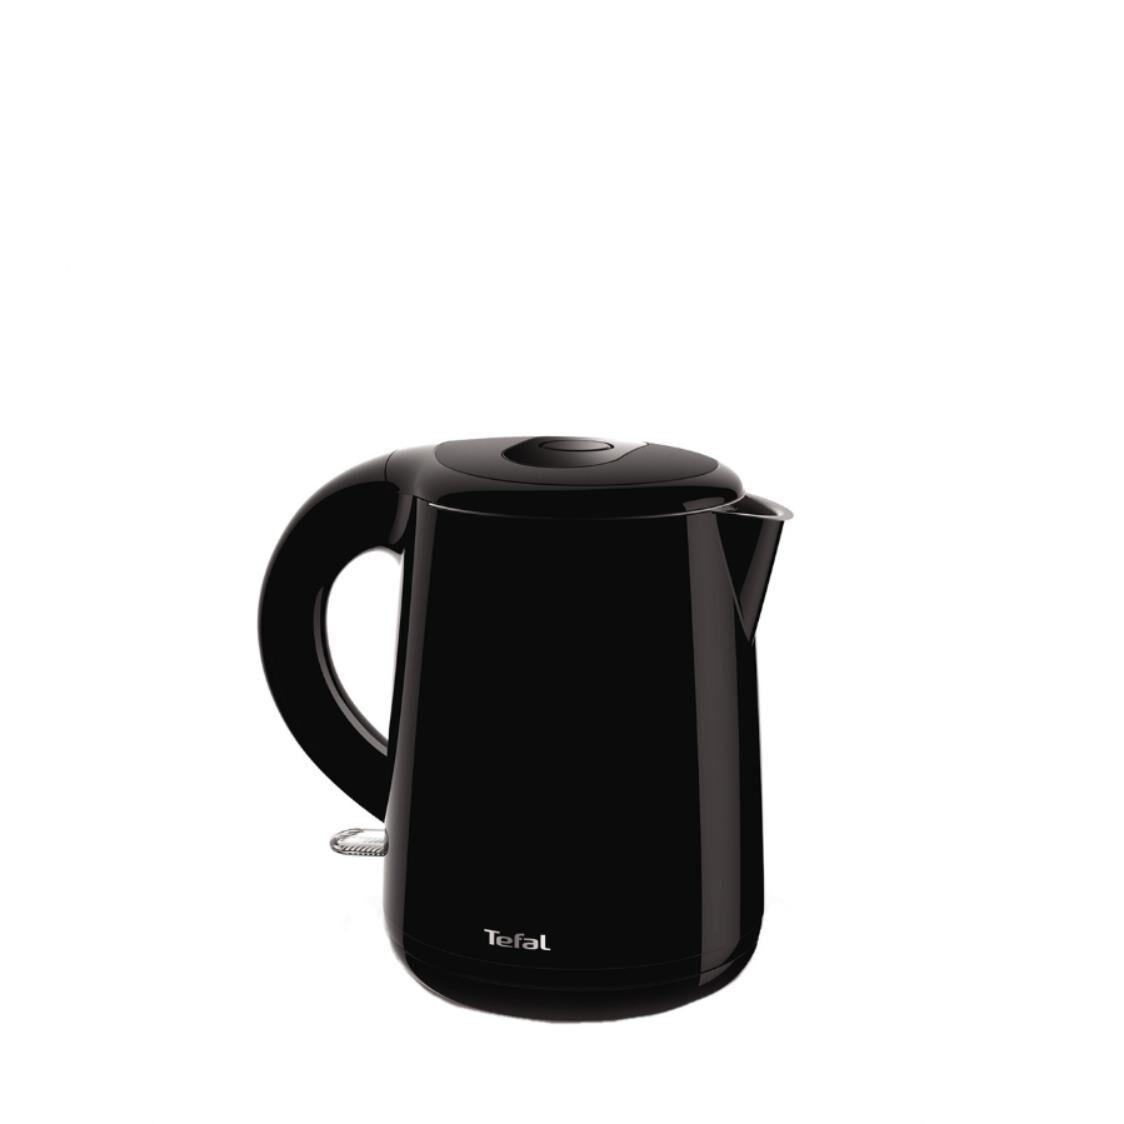 Tefal Kettle Safe Tea Black 1L